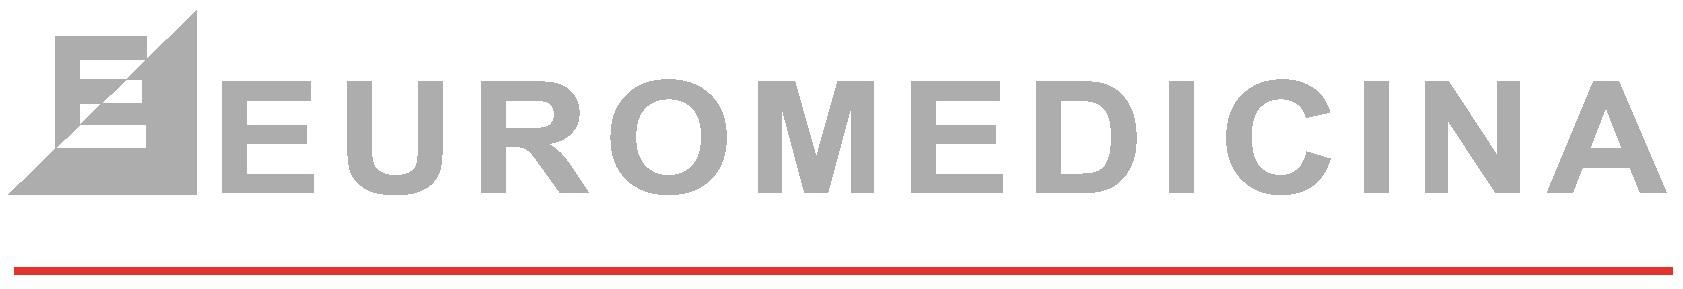 Euromedicina